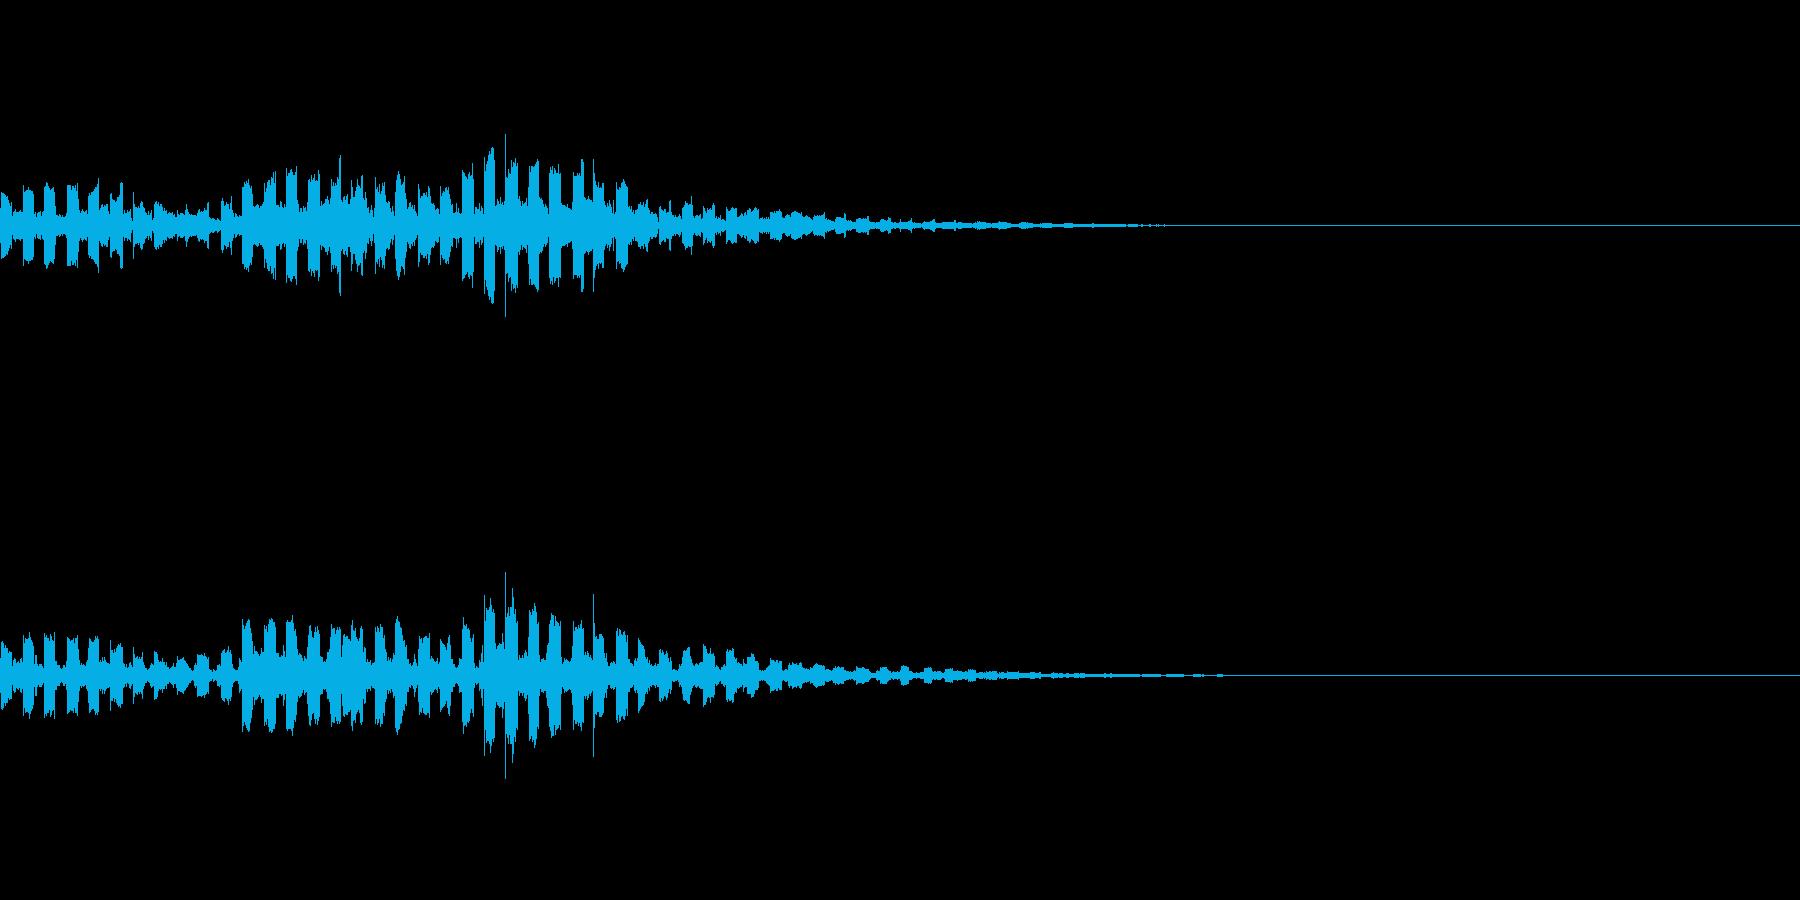 コミカルなUFO飛来音の再生済みの波形